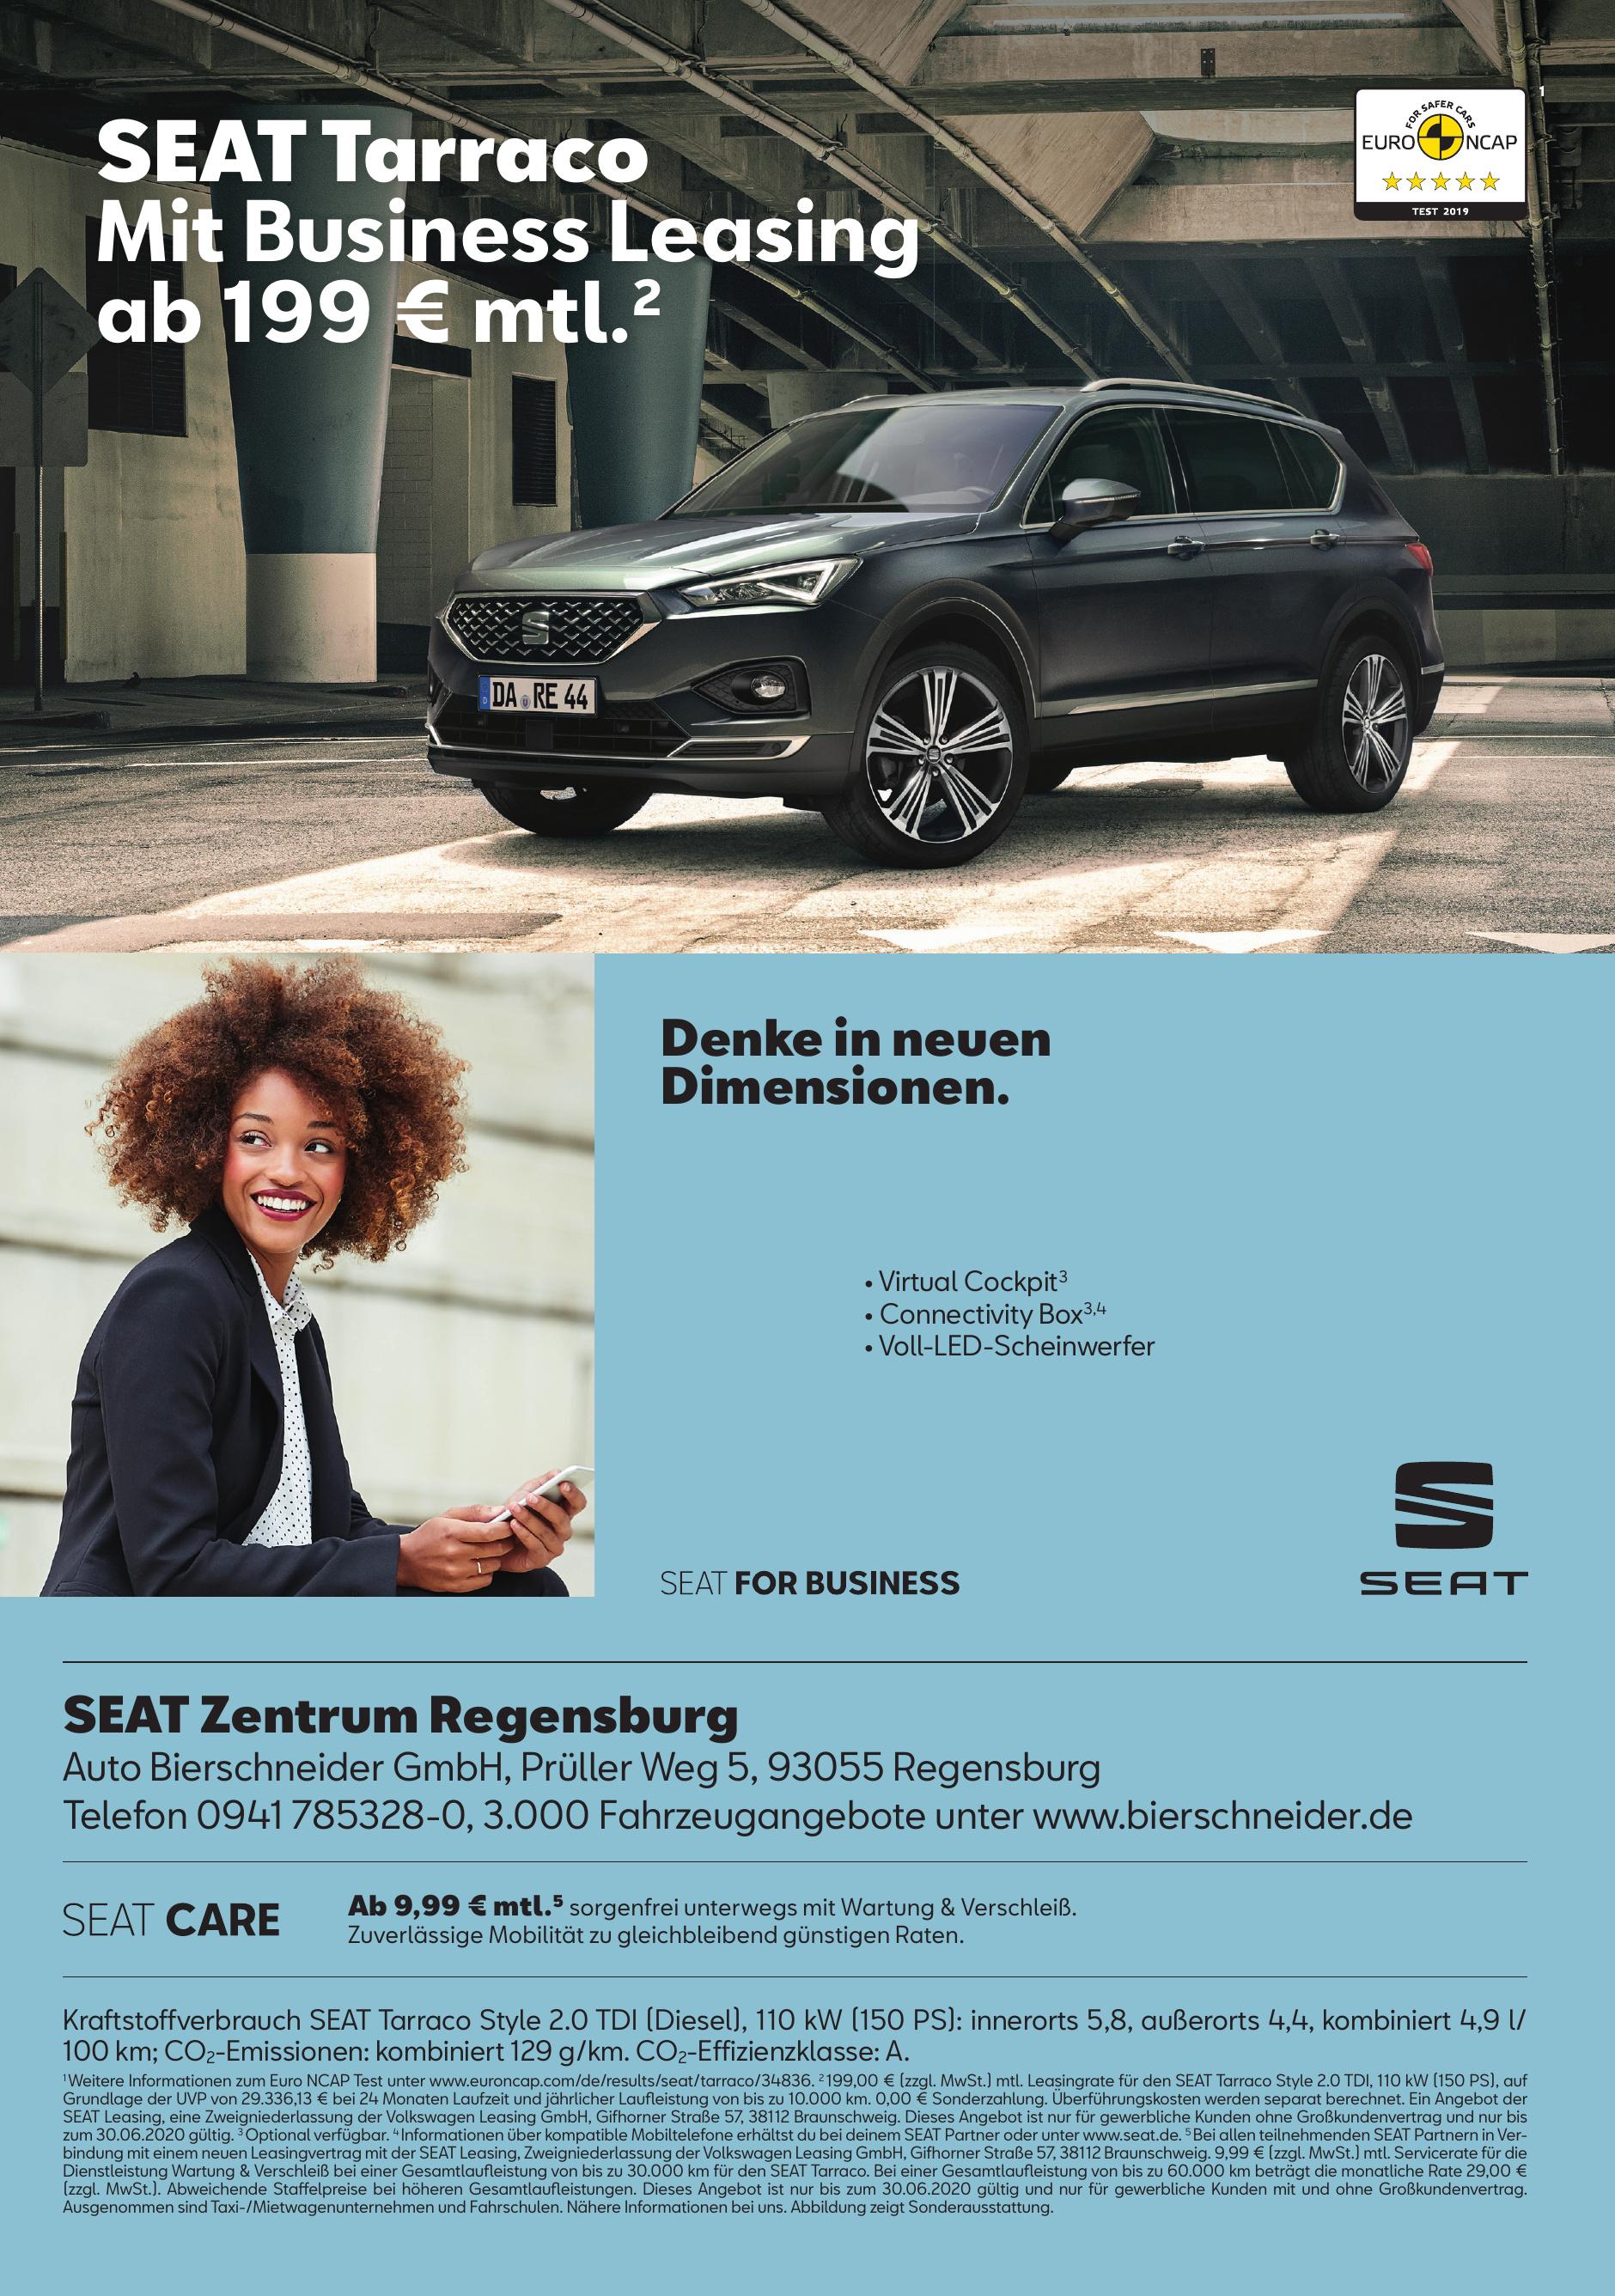 SEAT Zentrum Regensburg, Auto Bierschneider GmbH